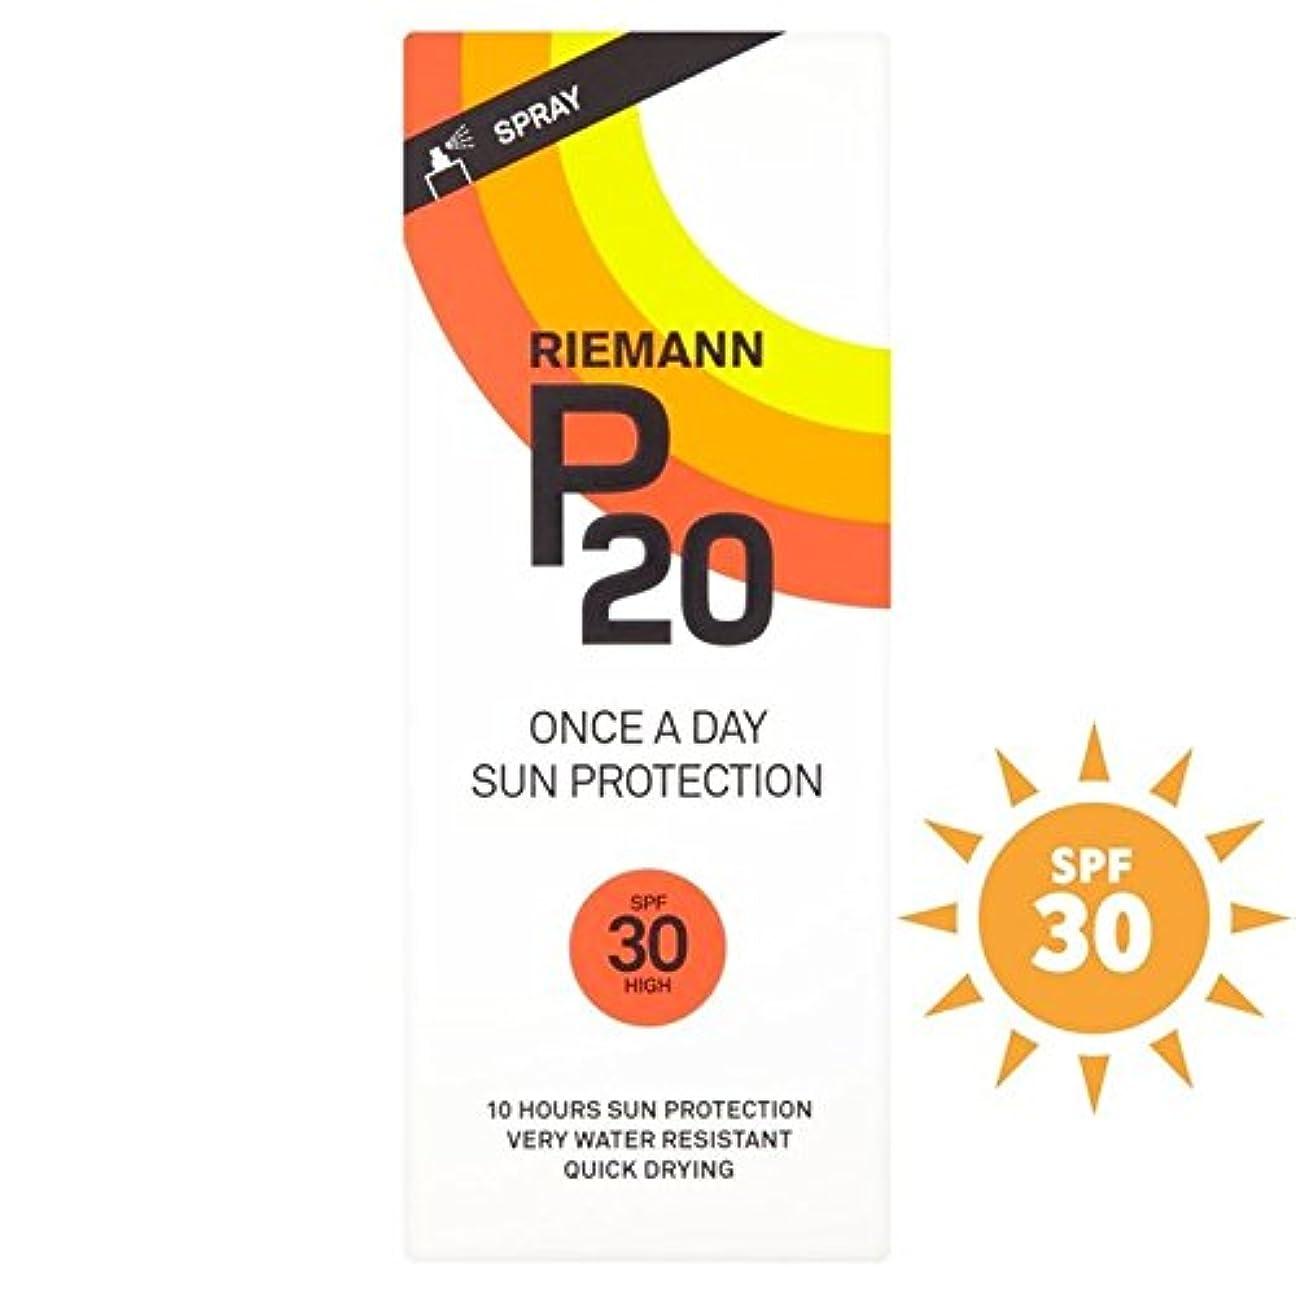 老朽化した早くパラダイスRiemann P20 SPF30 1 Day/10 Hour Protection 200ml - リーマン20 30 1日/ 10時間の保護200ミリリットル [並行輸入品]